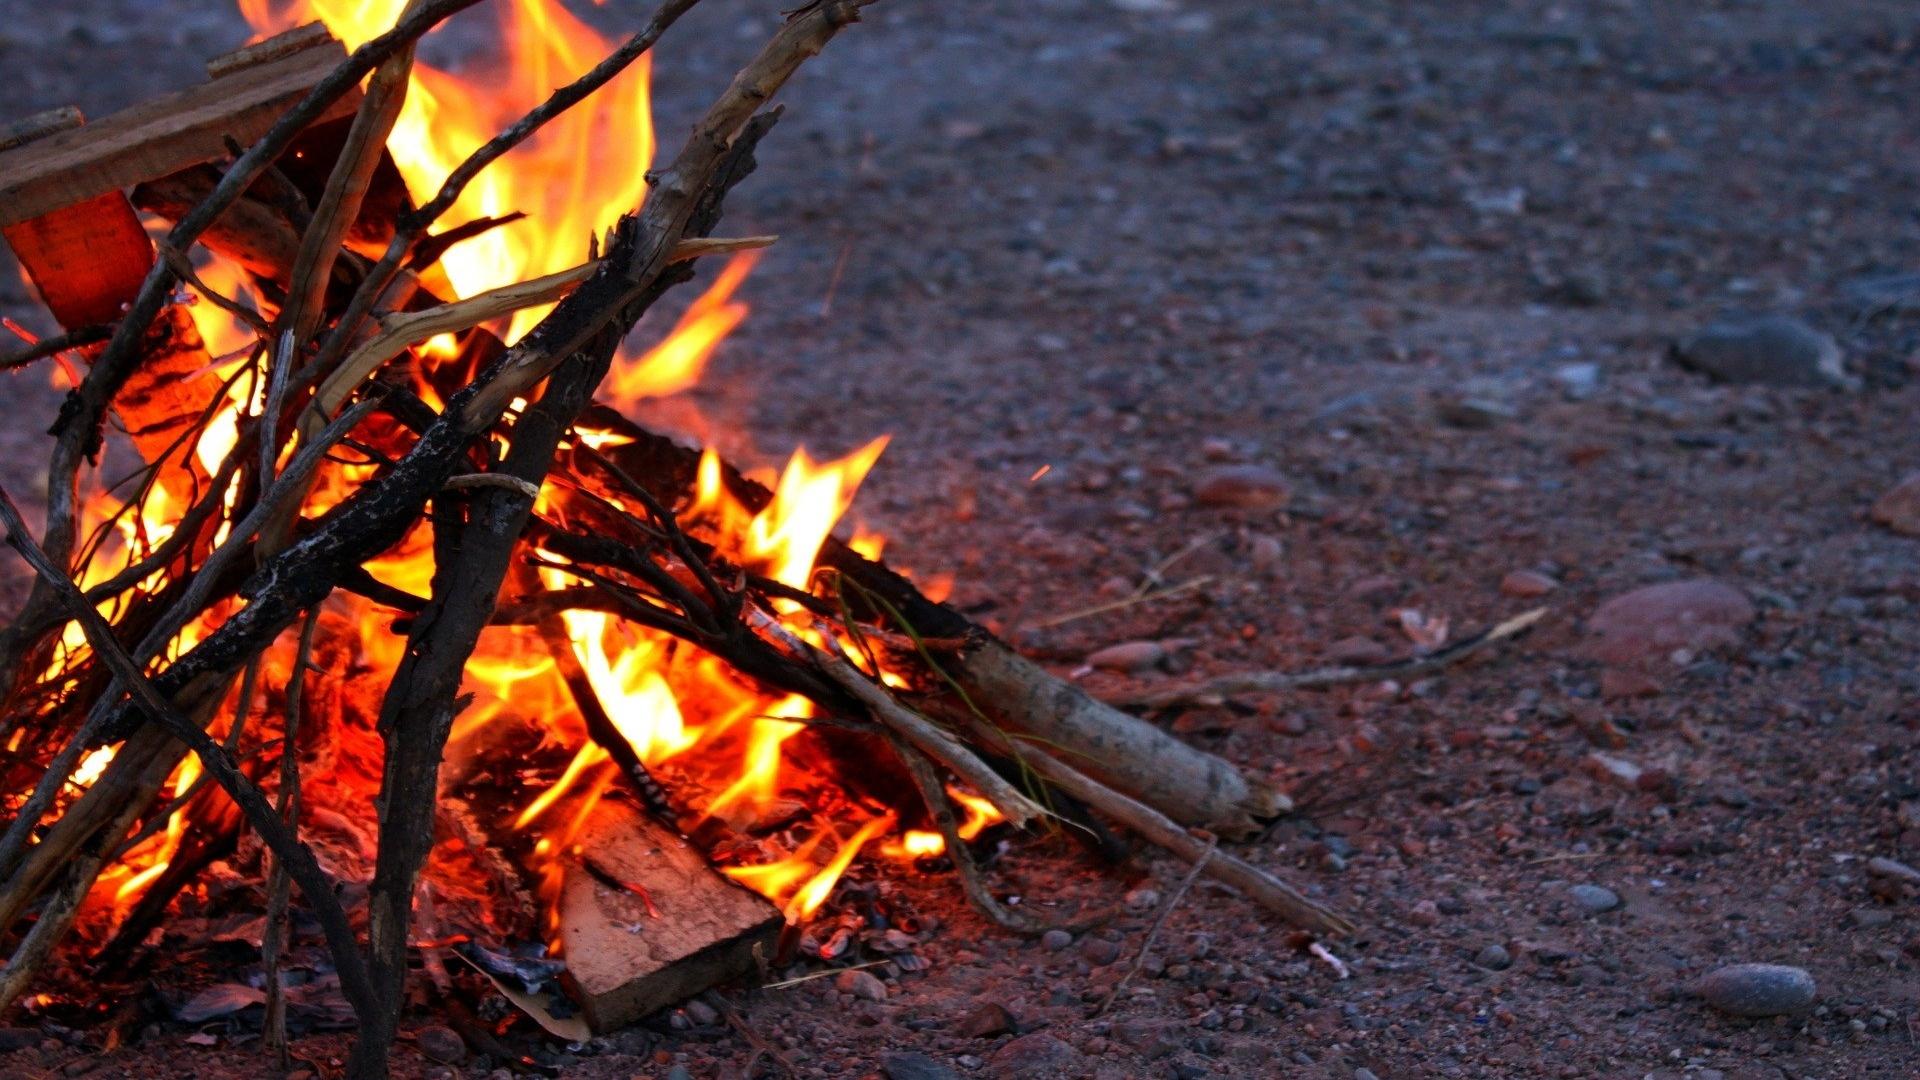 Bonfire Image